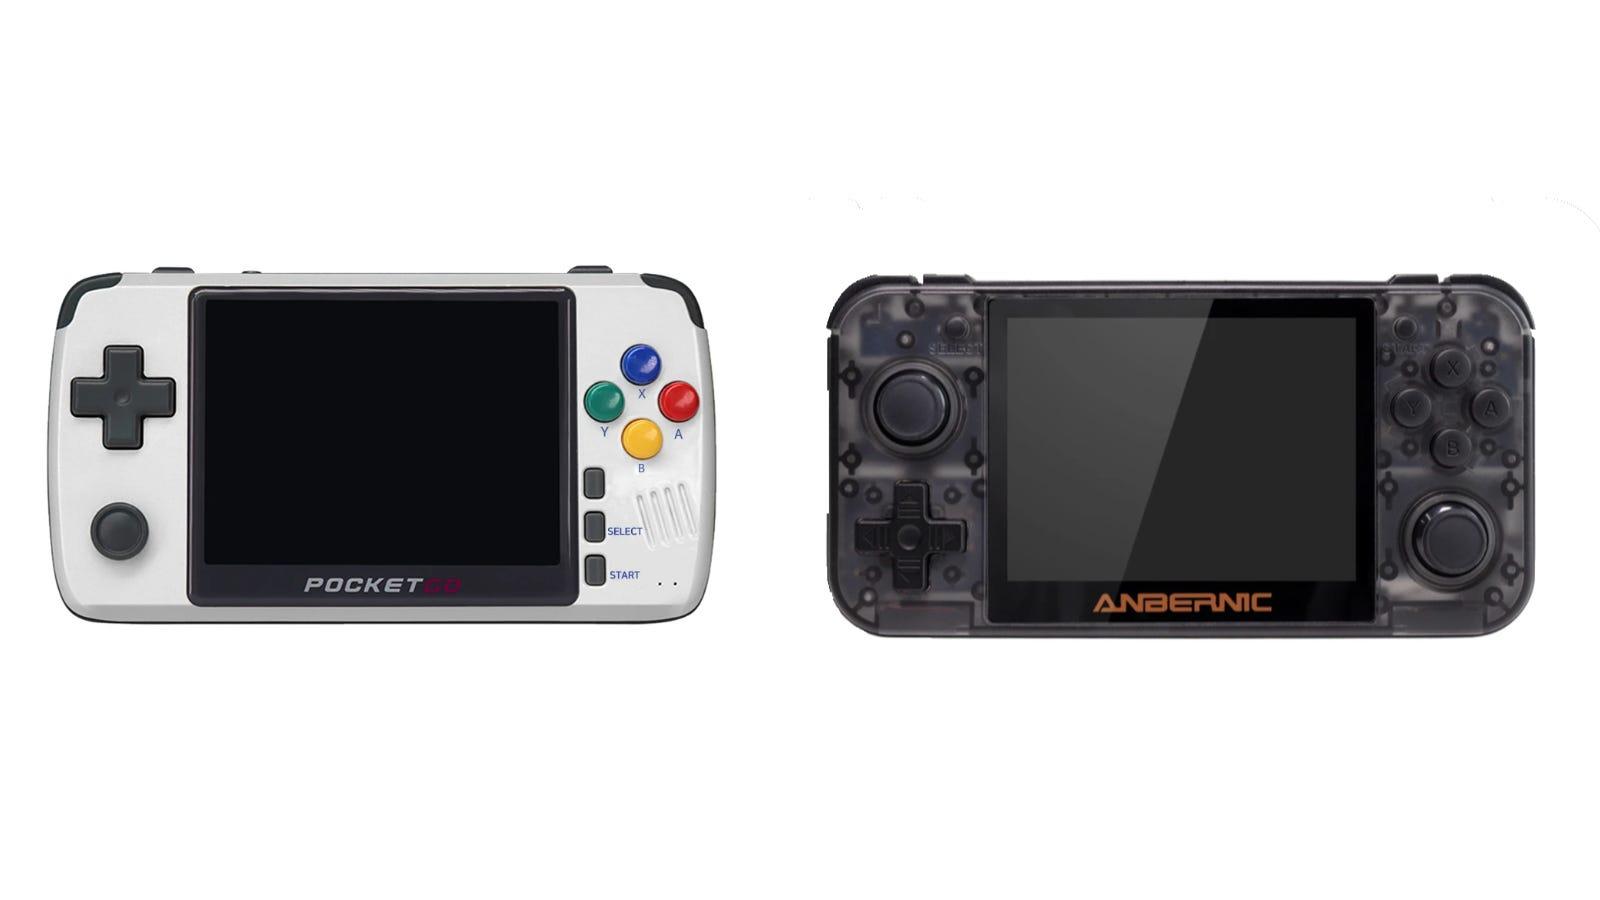 PocketGo V2 and RG350